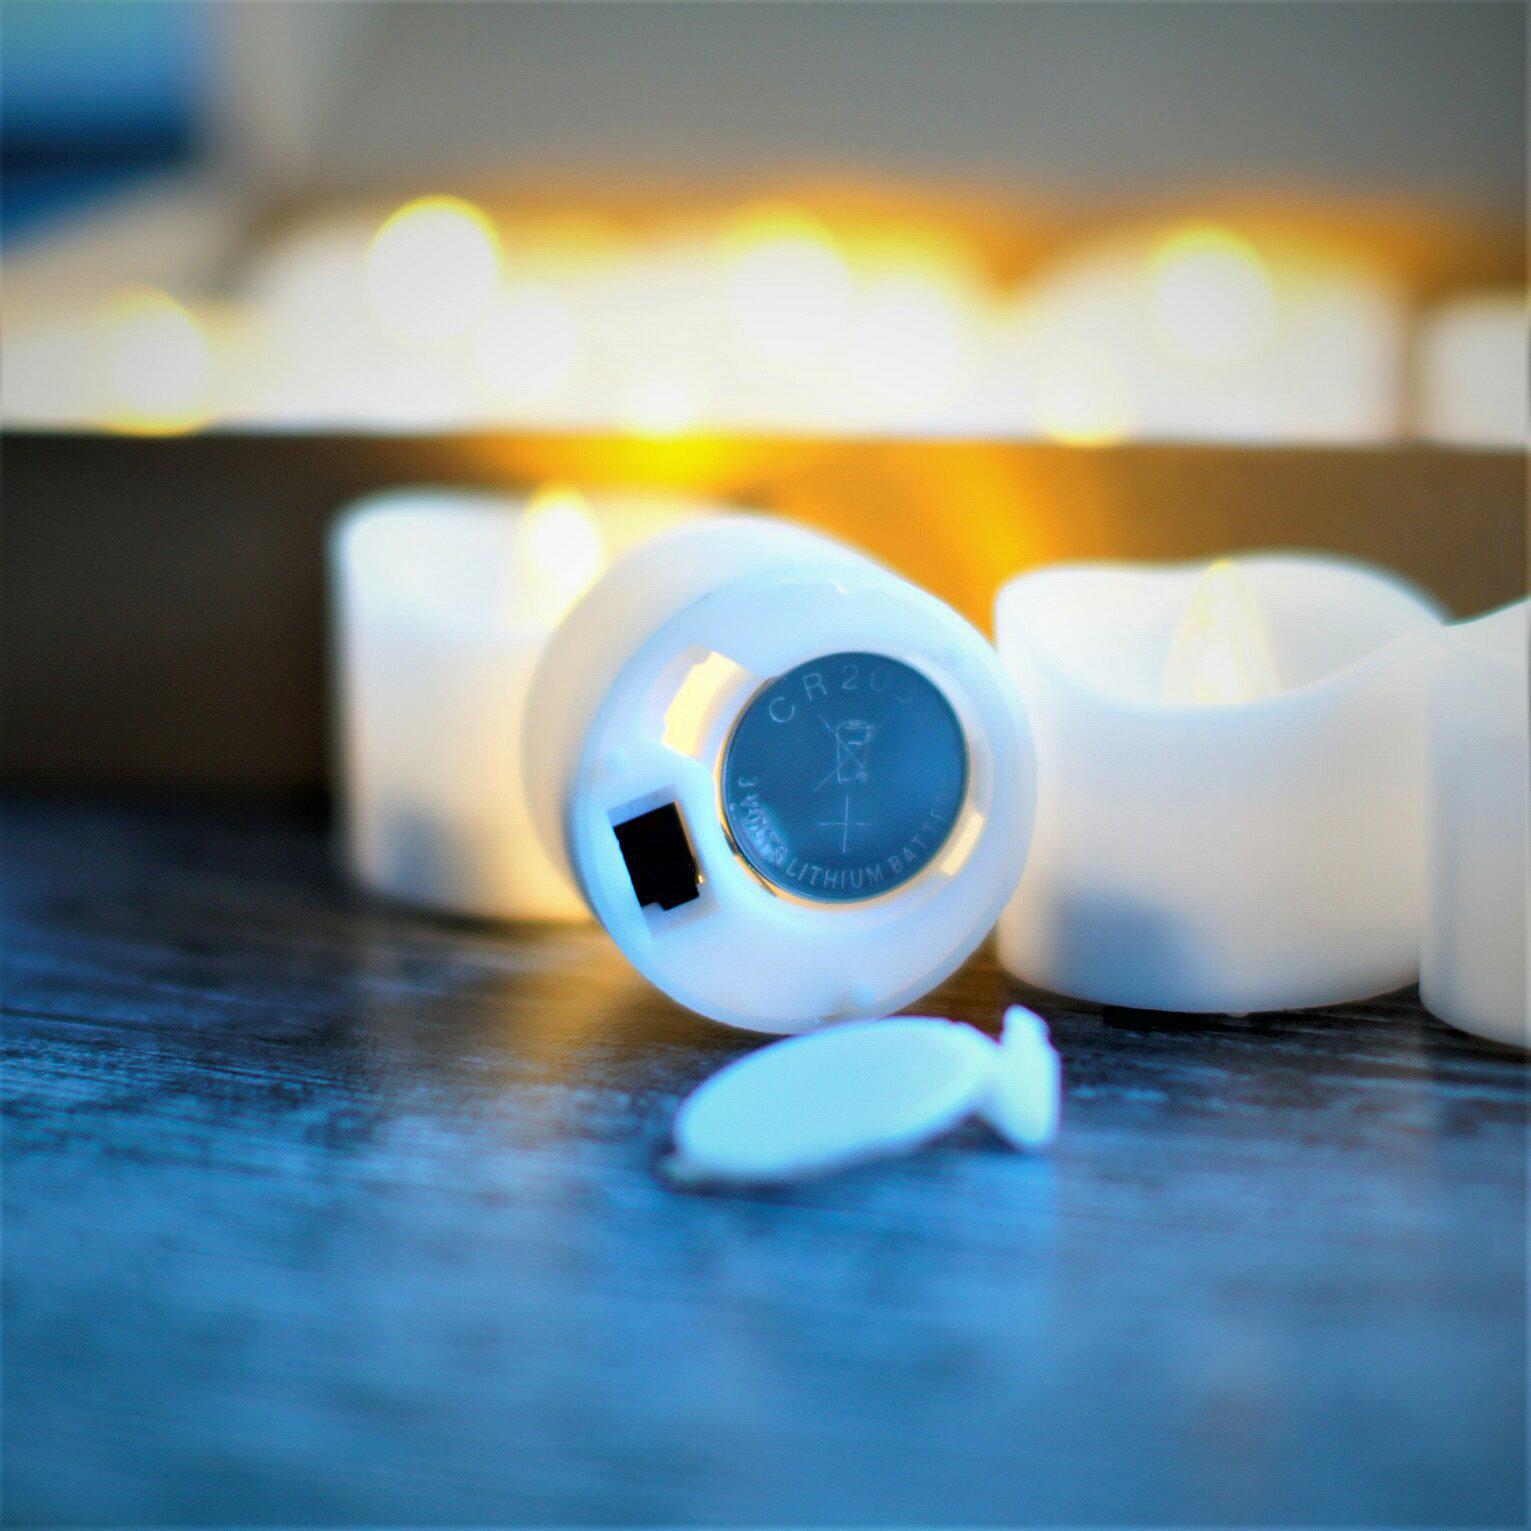 Светодиодные свечи на батарейках - CR 2032 - цена